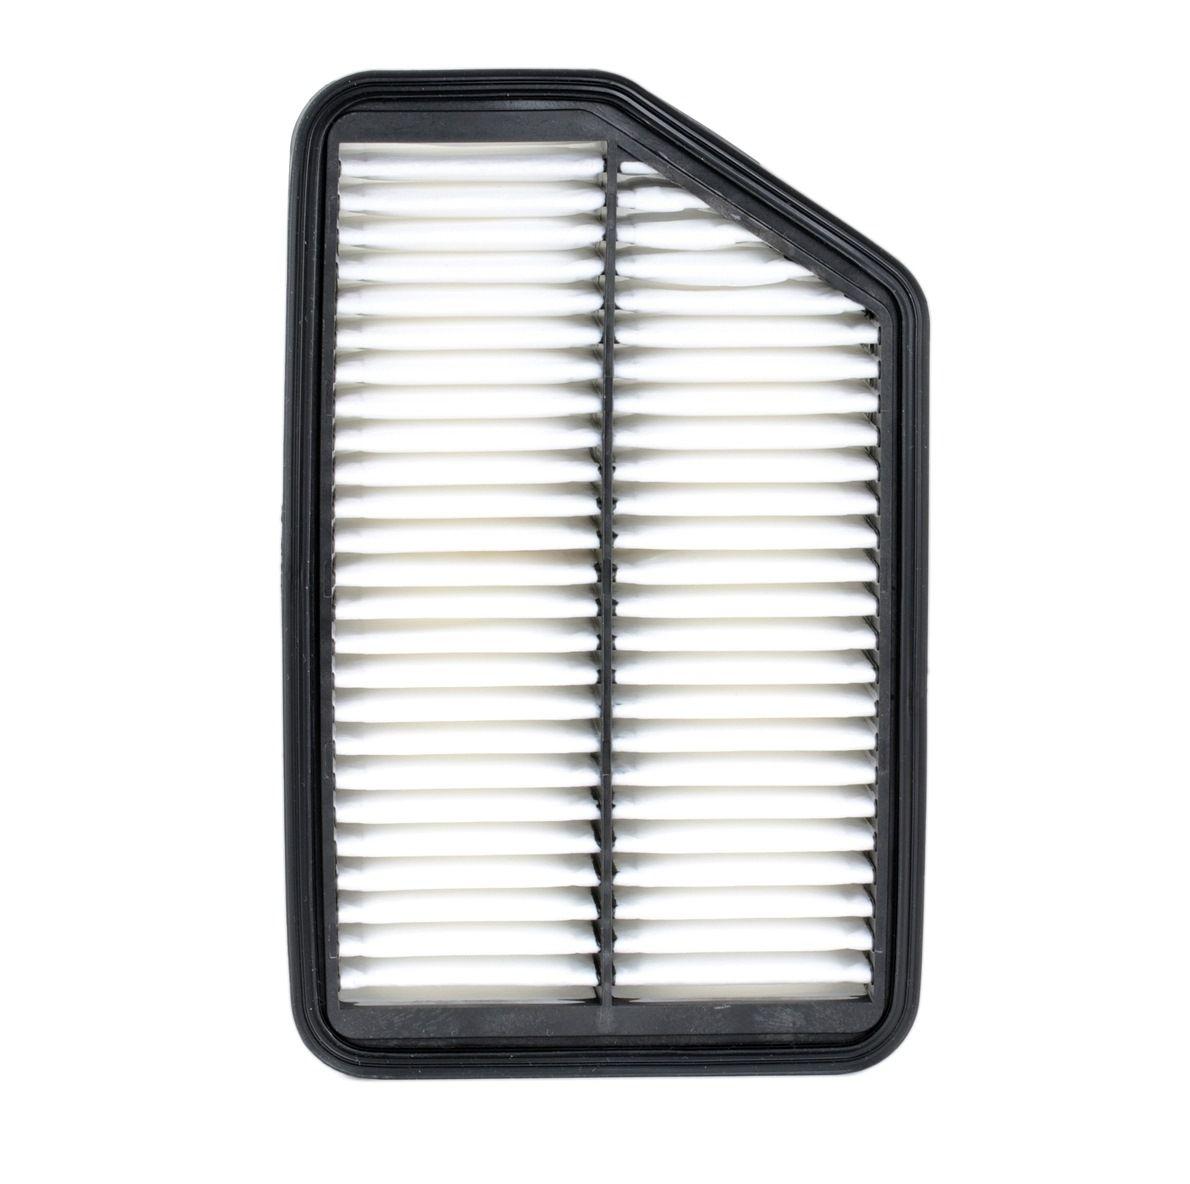 Original Zracni filter F 026 400 228 Kia